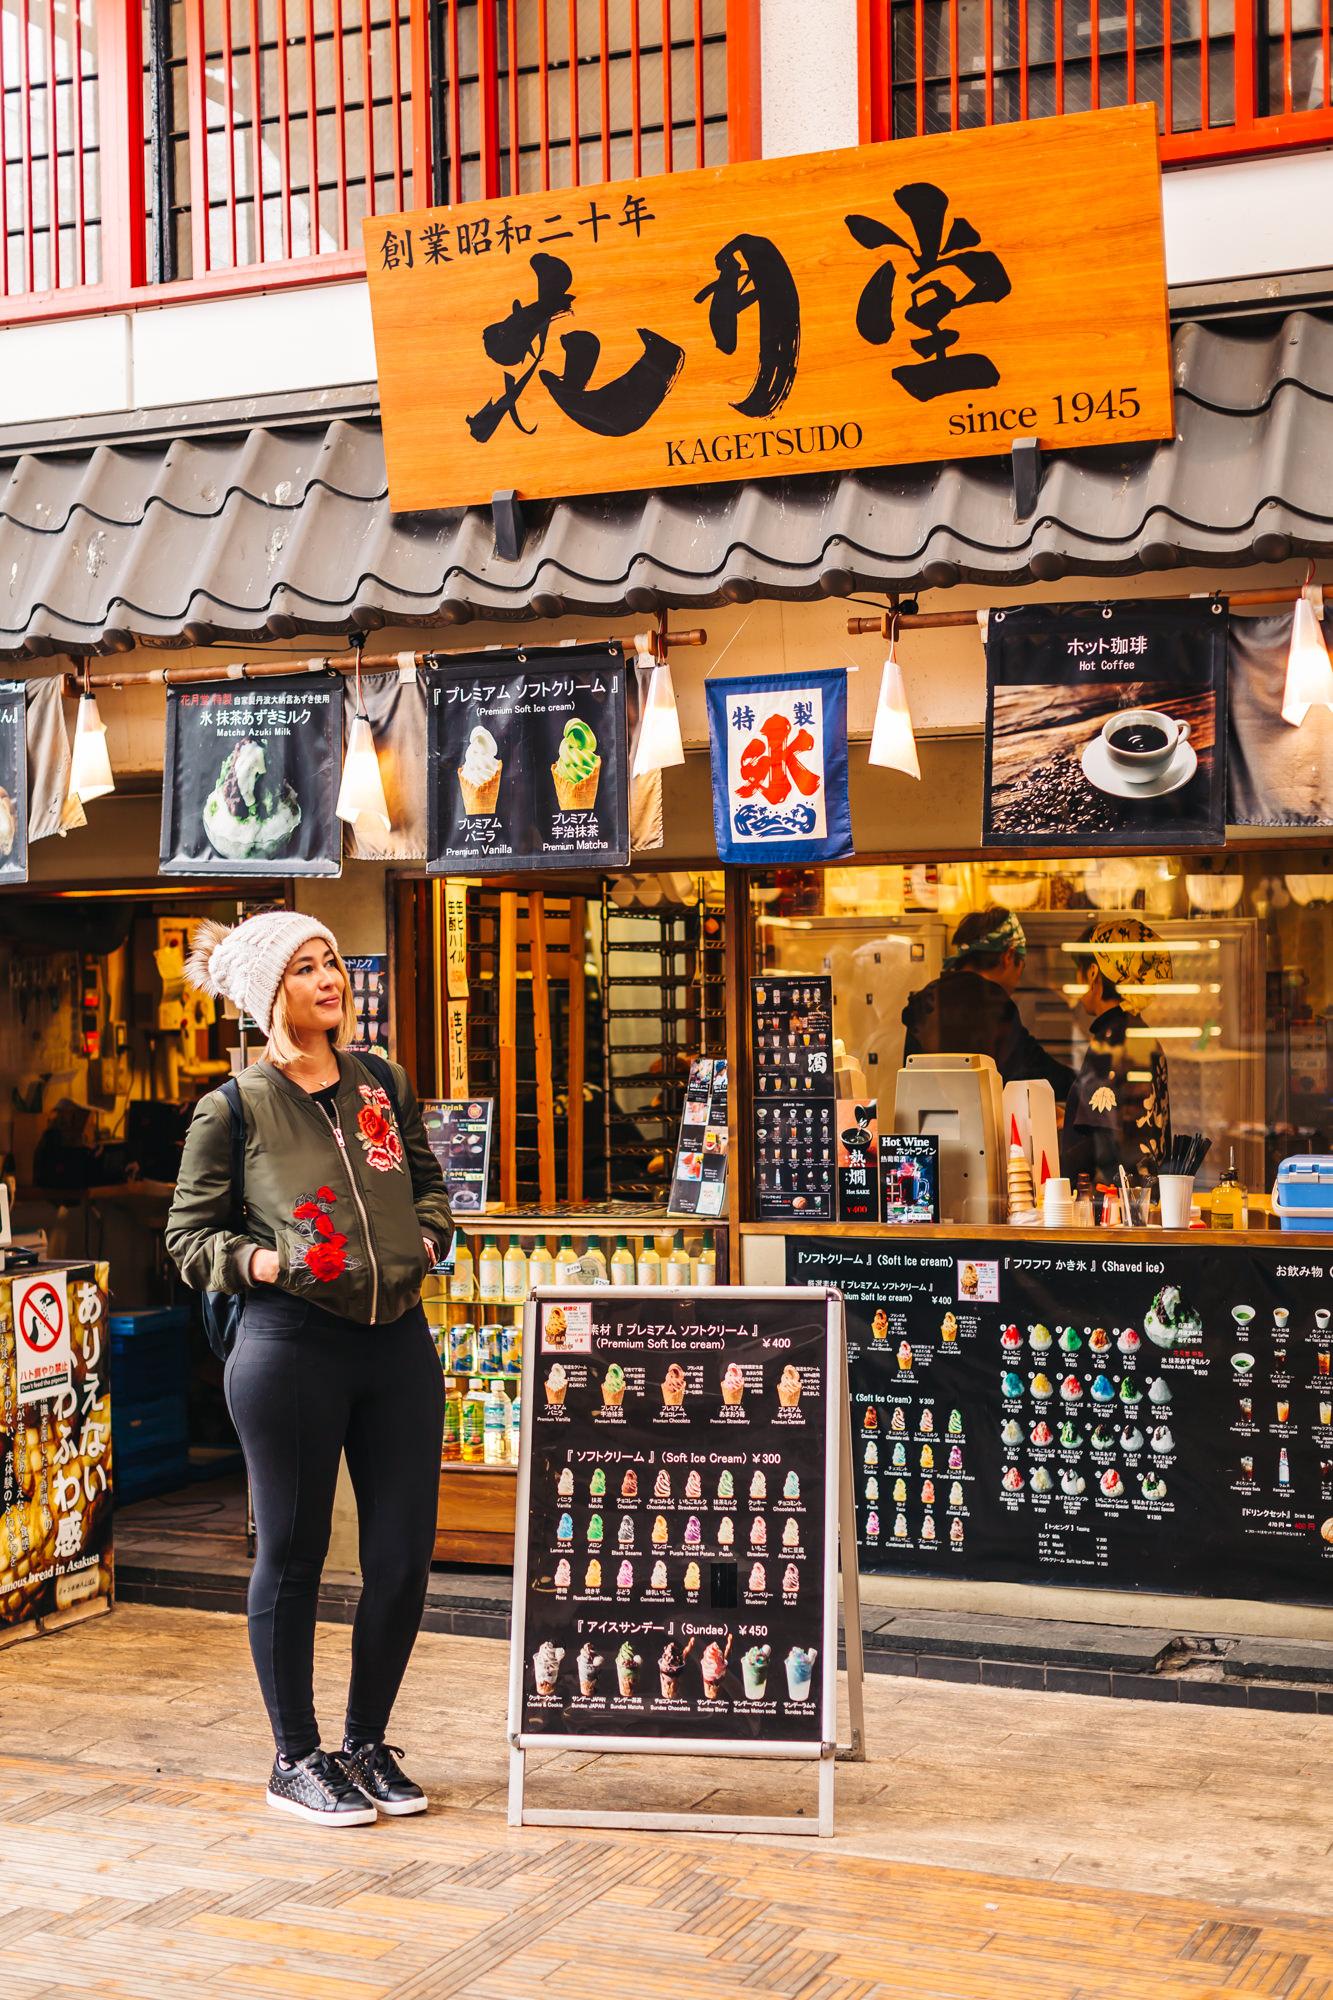 Kagetsudo Melon Pan shop - since 1945